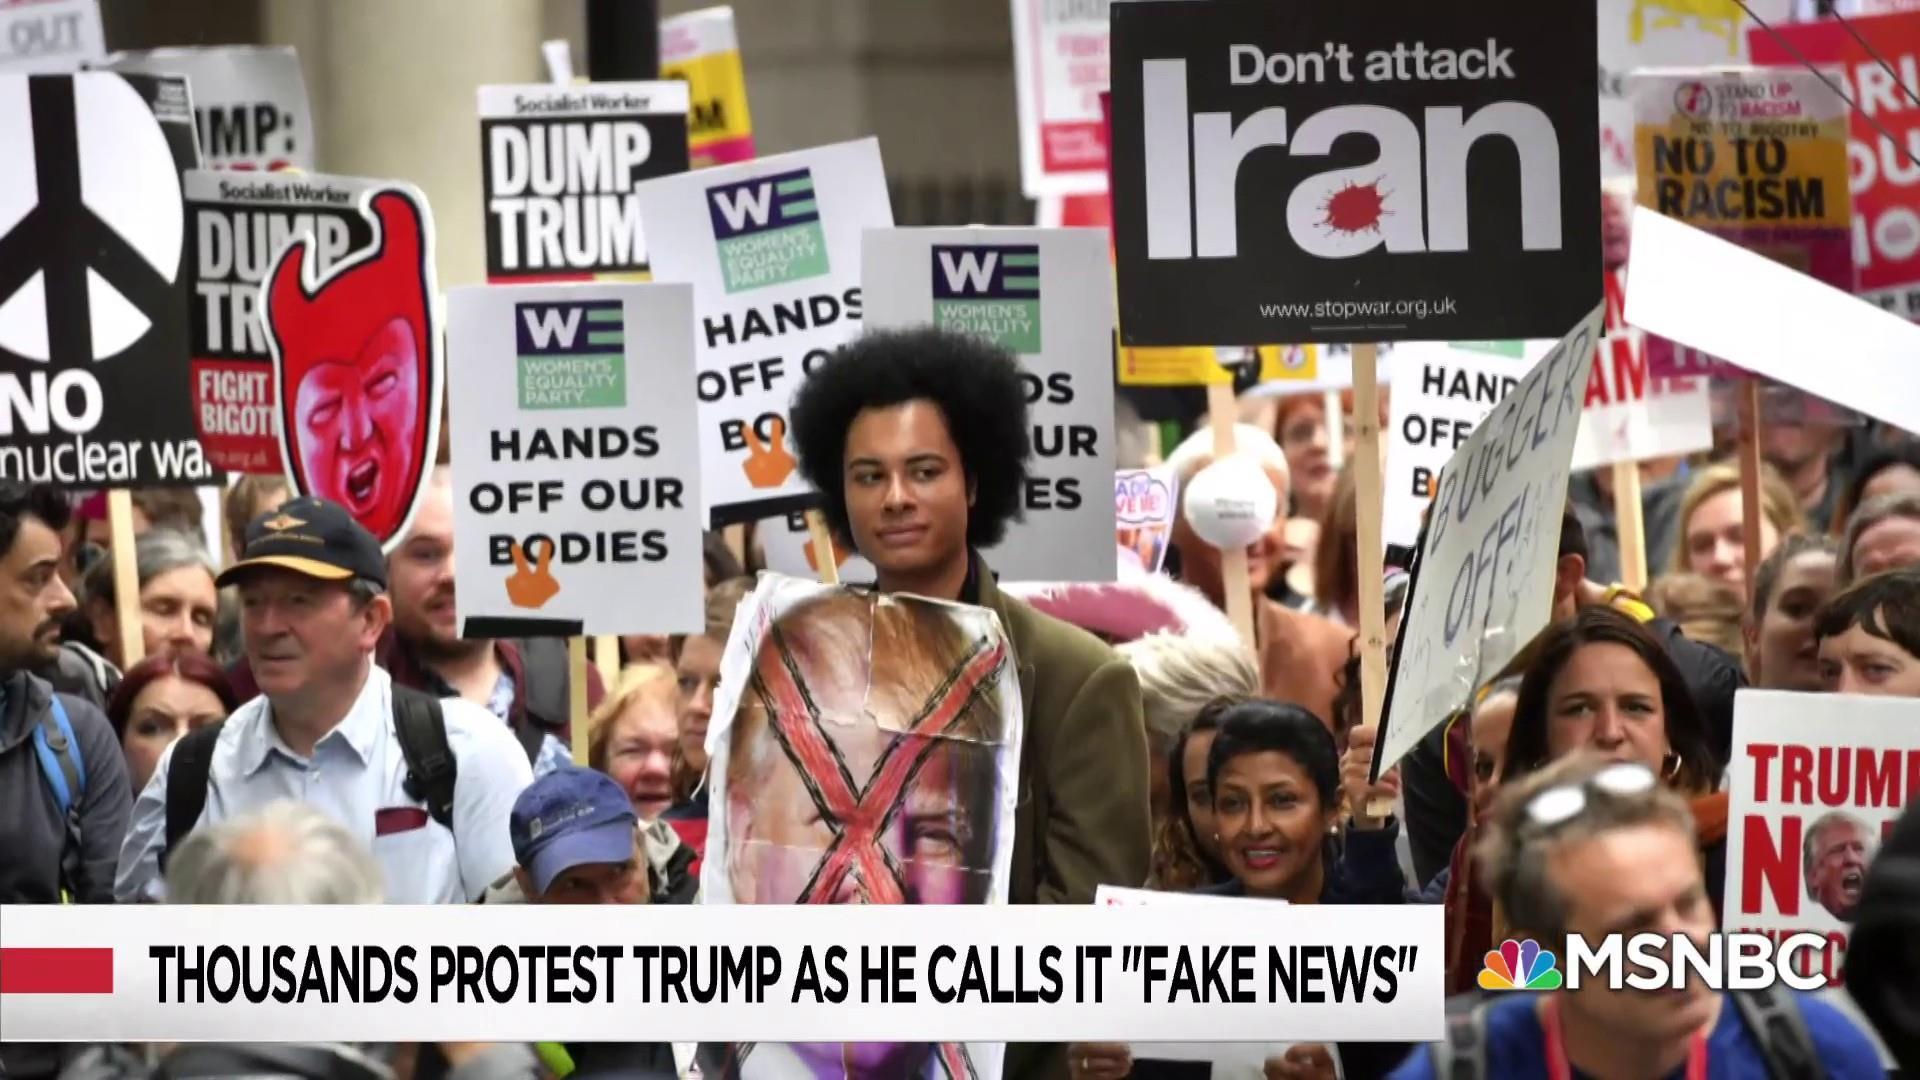 Donald Trump's overseas protest delusion